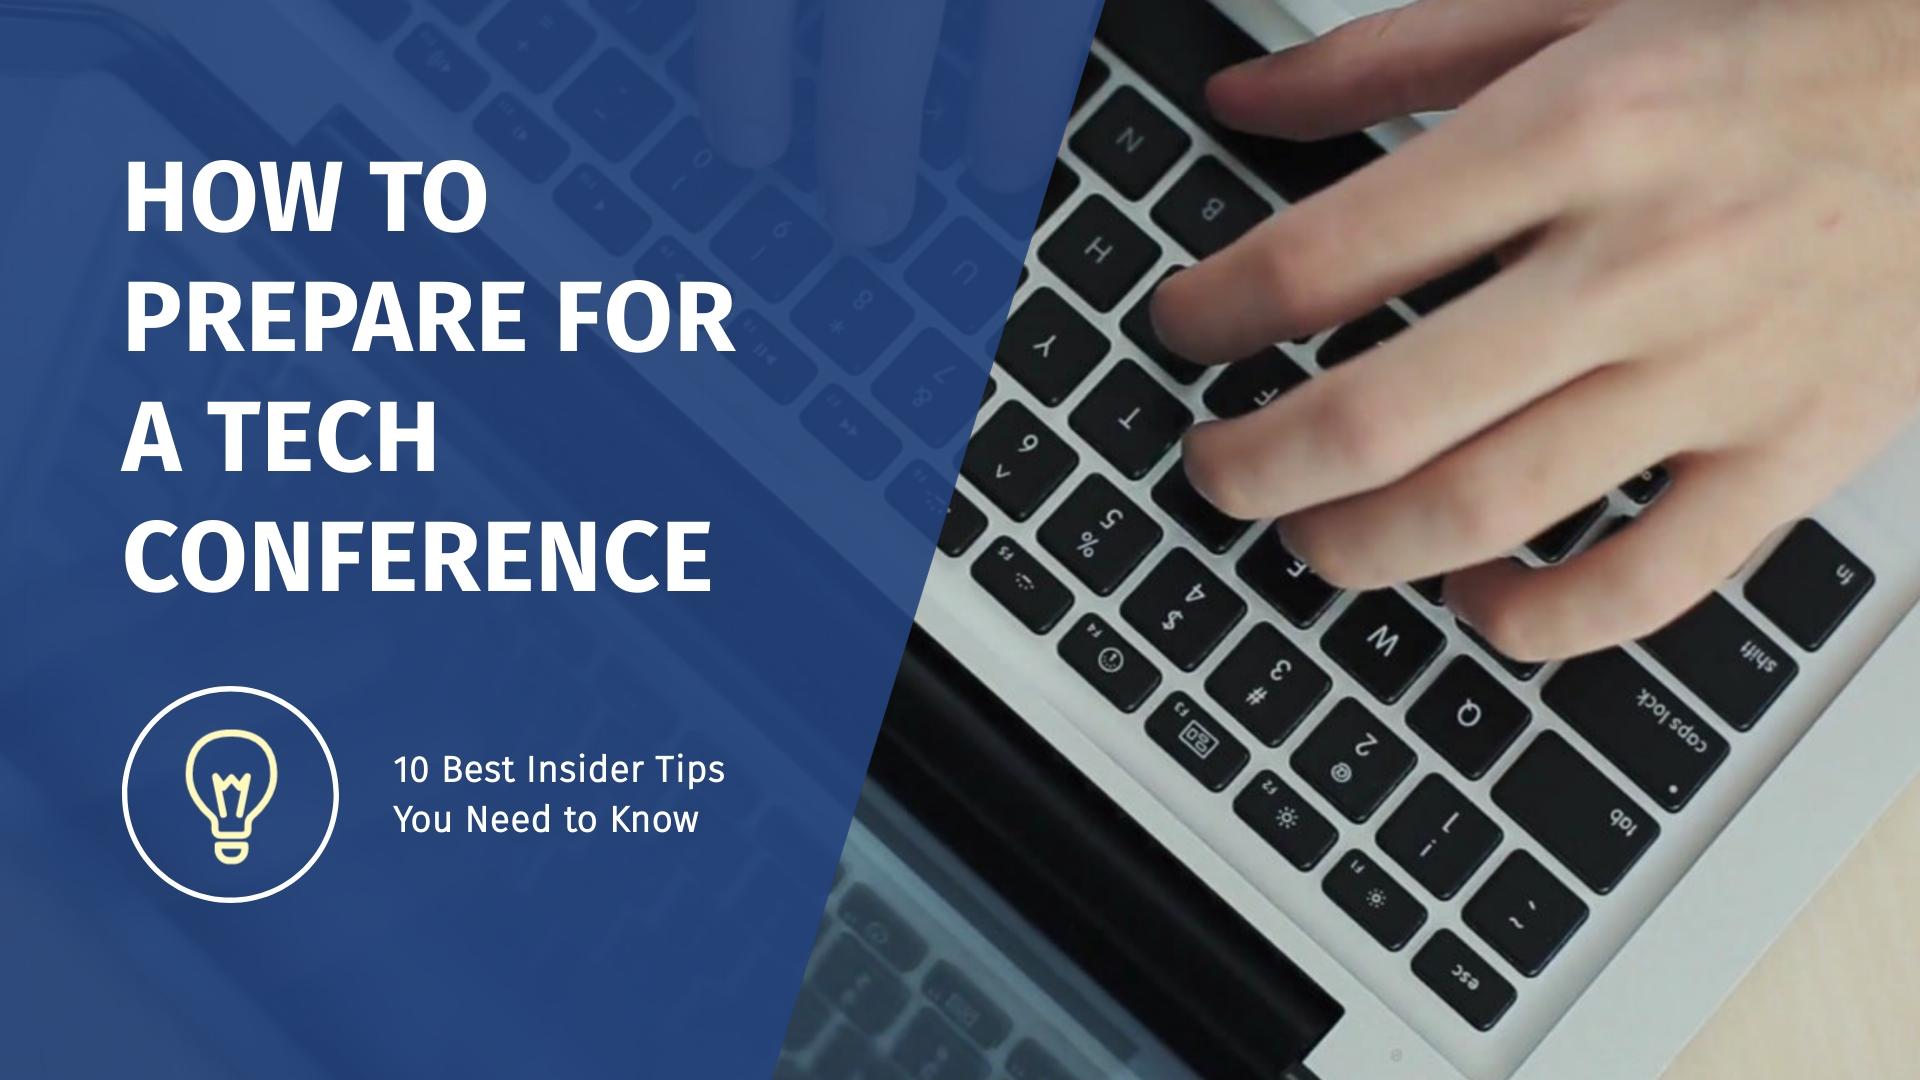 Prepare for a Tech Conference Intro - Video Template